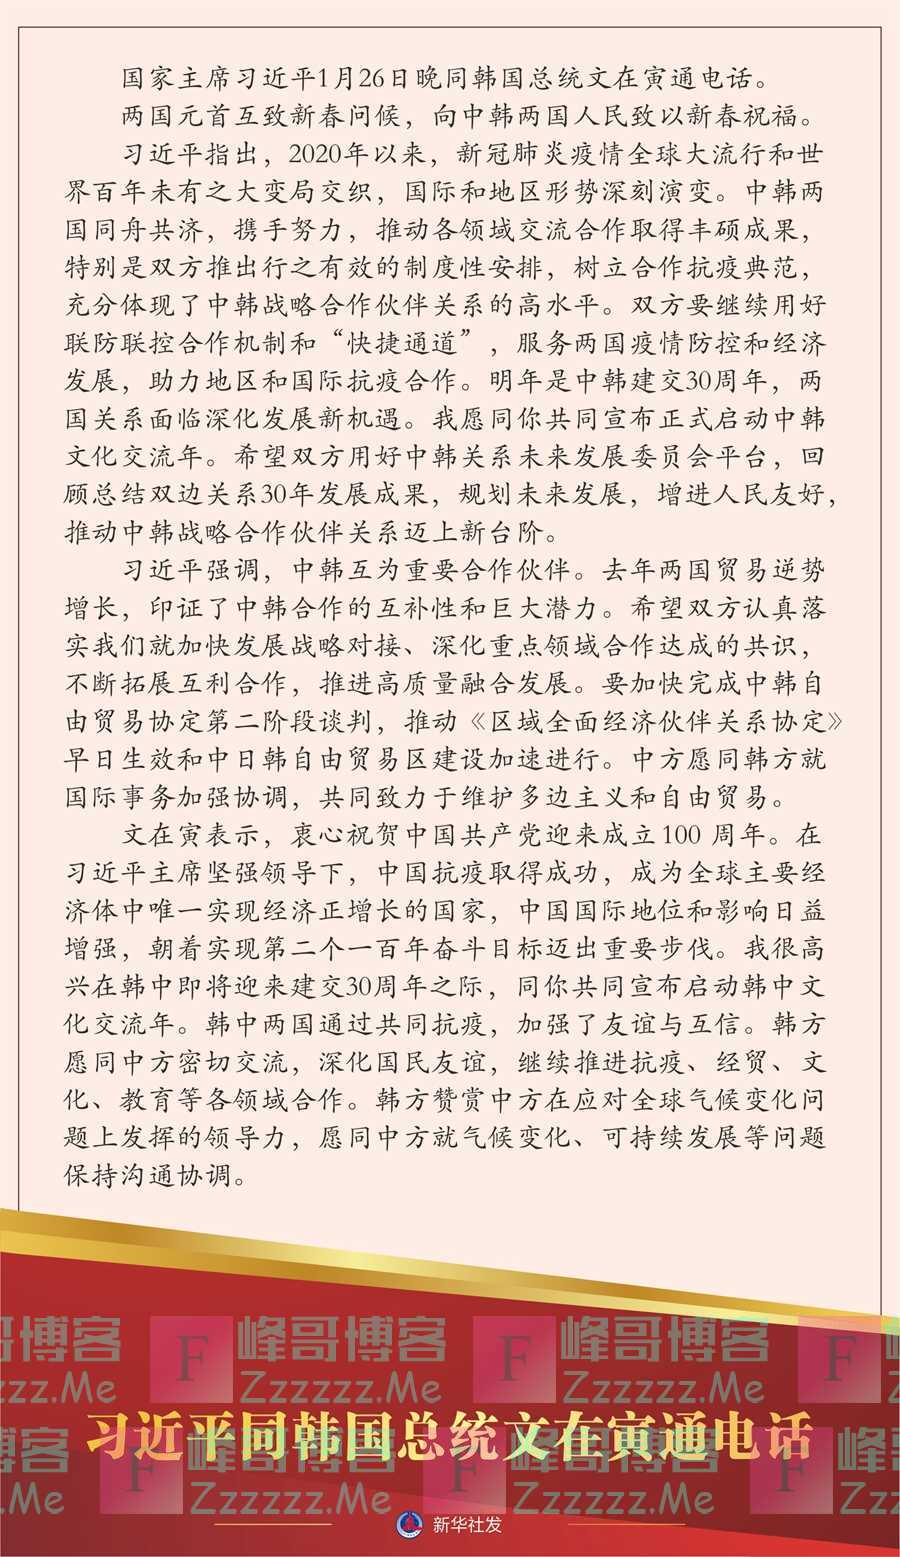 习近平同韩国总统文在寅通电话